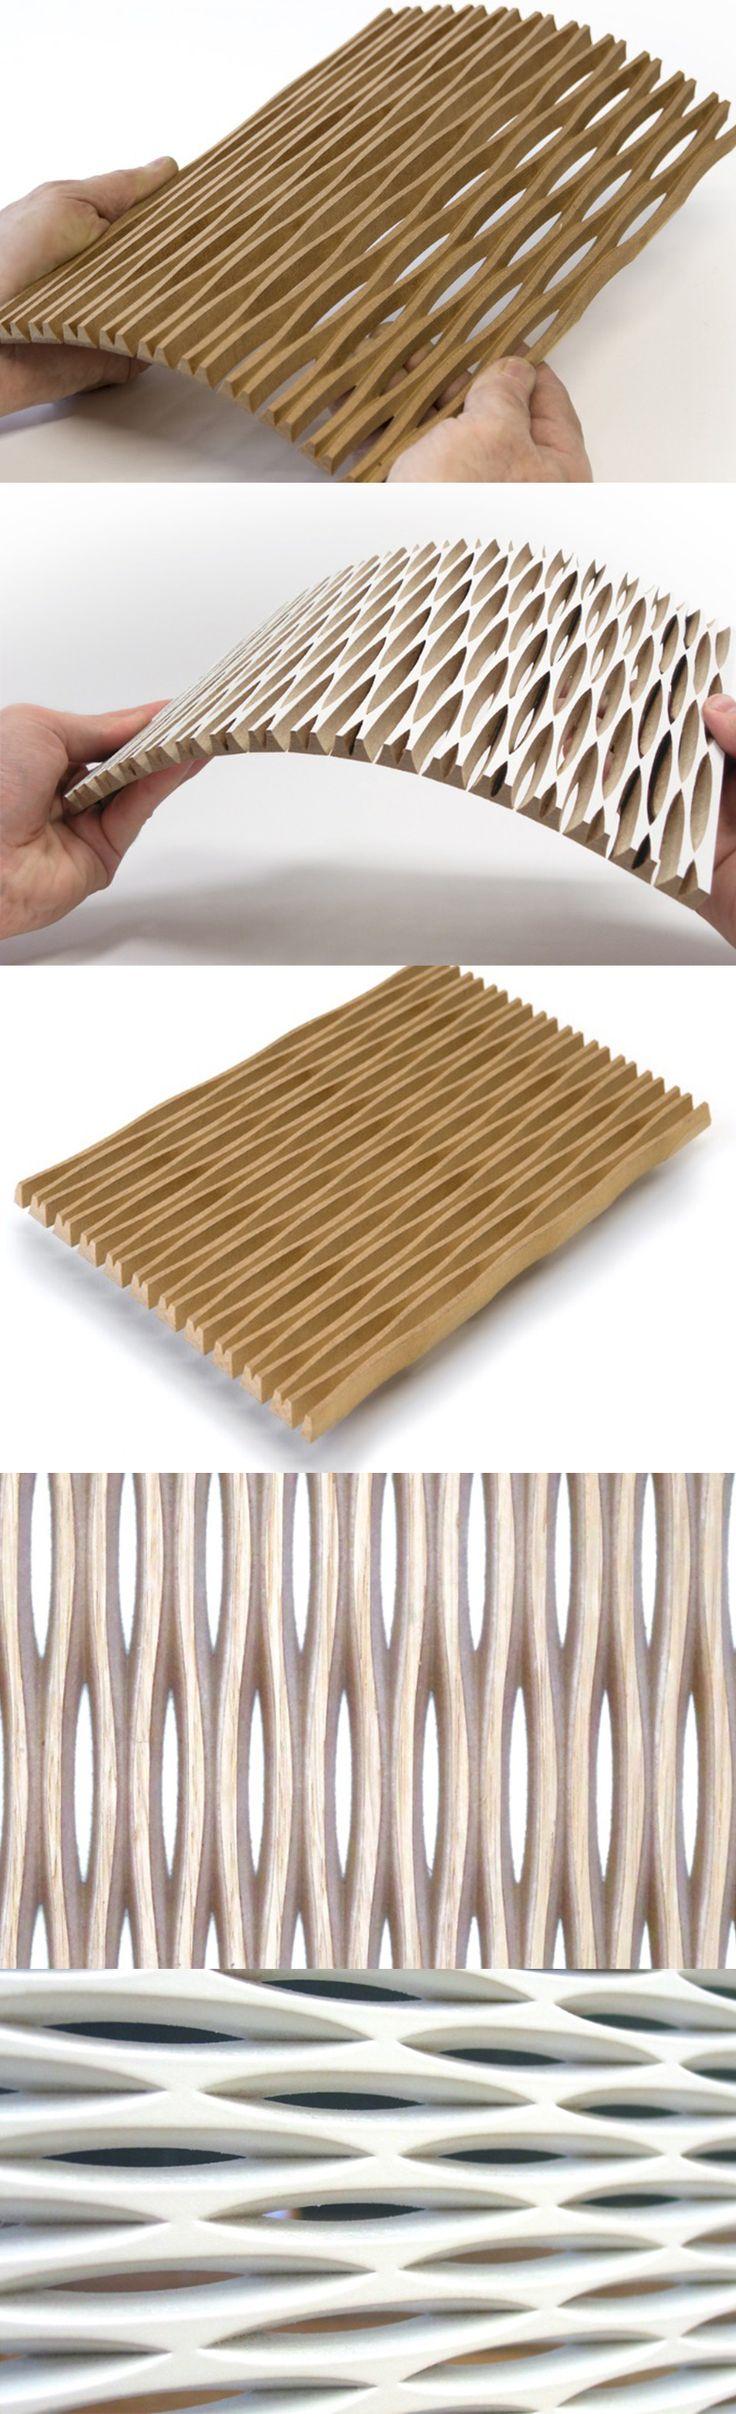 ARTpanel is toepasbaar als een complete, naadloze wand, als sfeerbepalend kunstwerk in een frame, of als verplaatsbare ruimtedeler. Op deze website vindt u een overzicht van kwalitatieve producten, ideeën en adviezen voor de verbetering van akoestiek in de diverse soorten ruimten